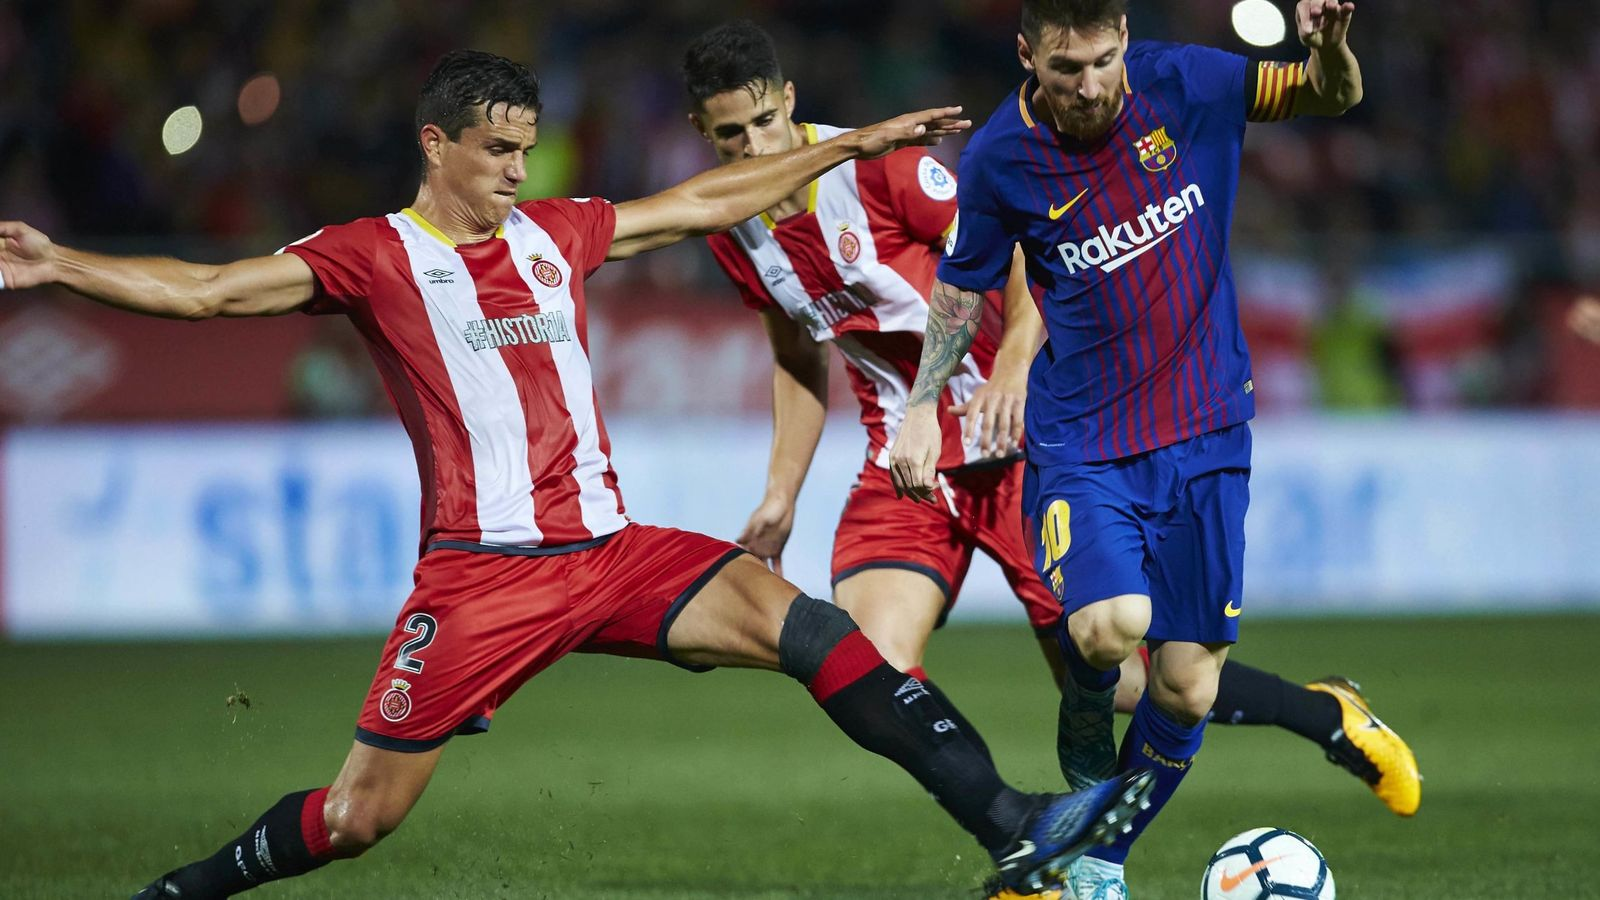 Girona De Más Jugarse Cerca En LigaCada Barcelona El Miami Vez Own0Pk